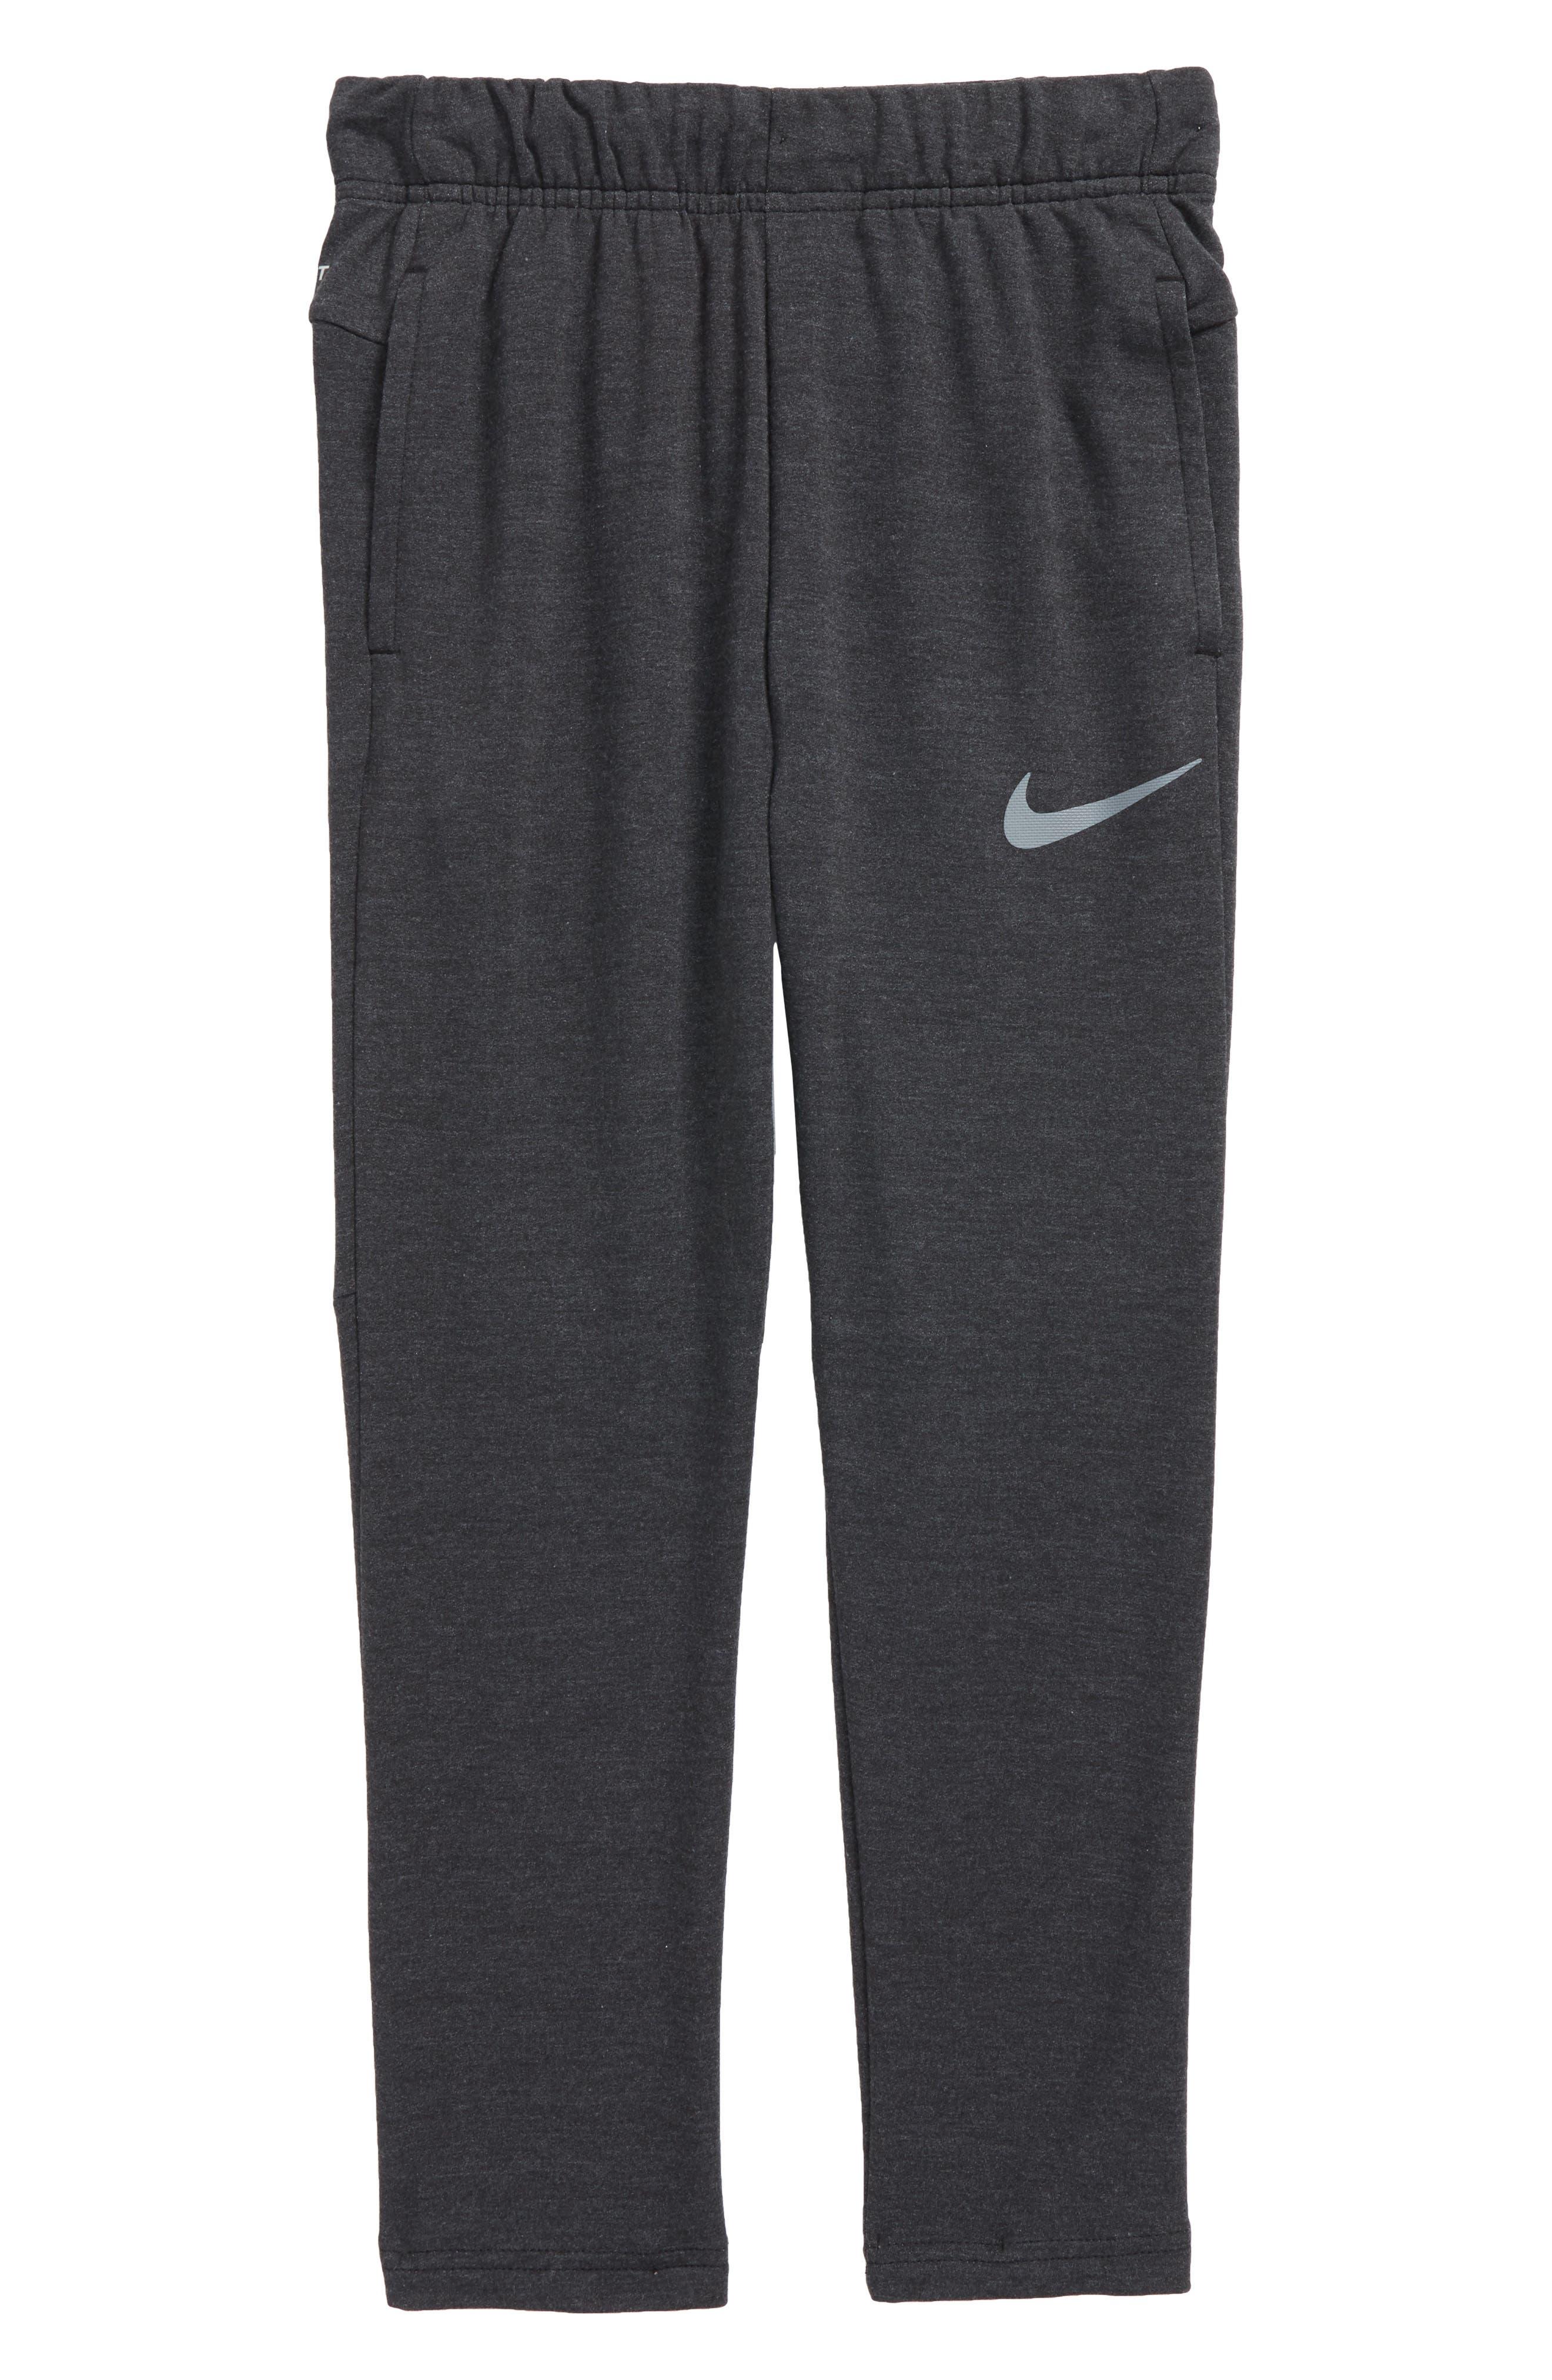 Dry Sweatpants,                         Main,                         color, 010